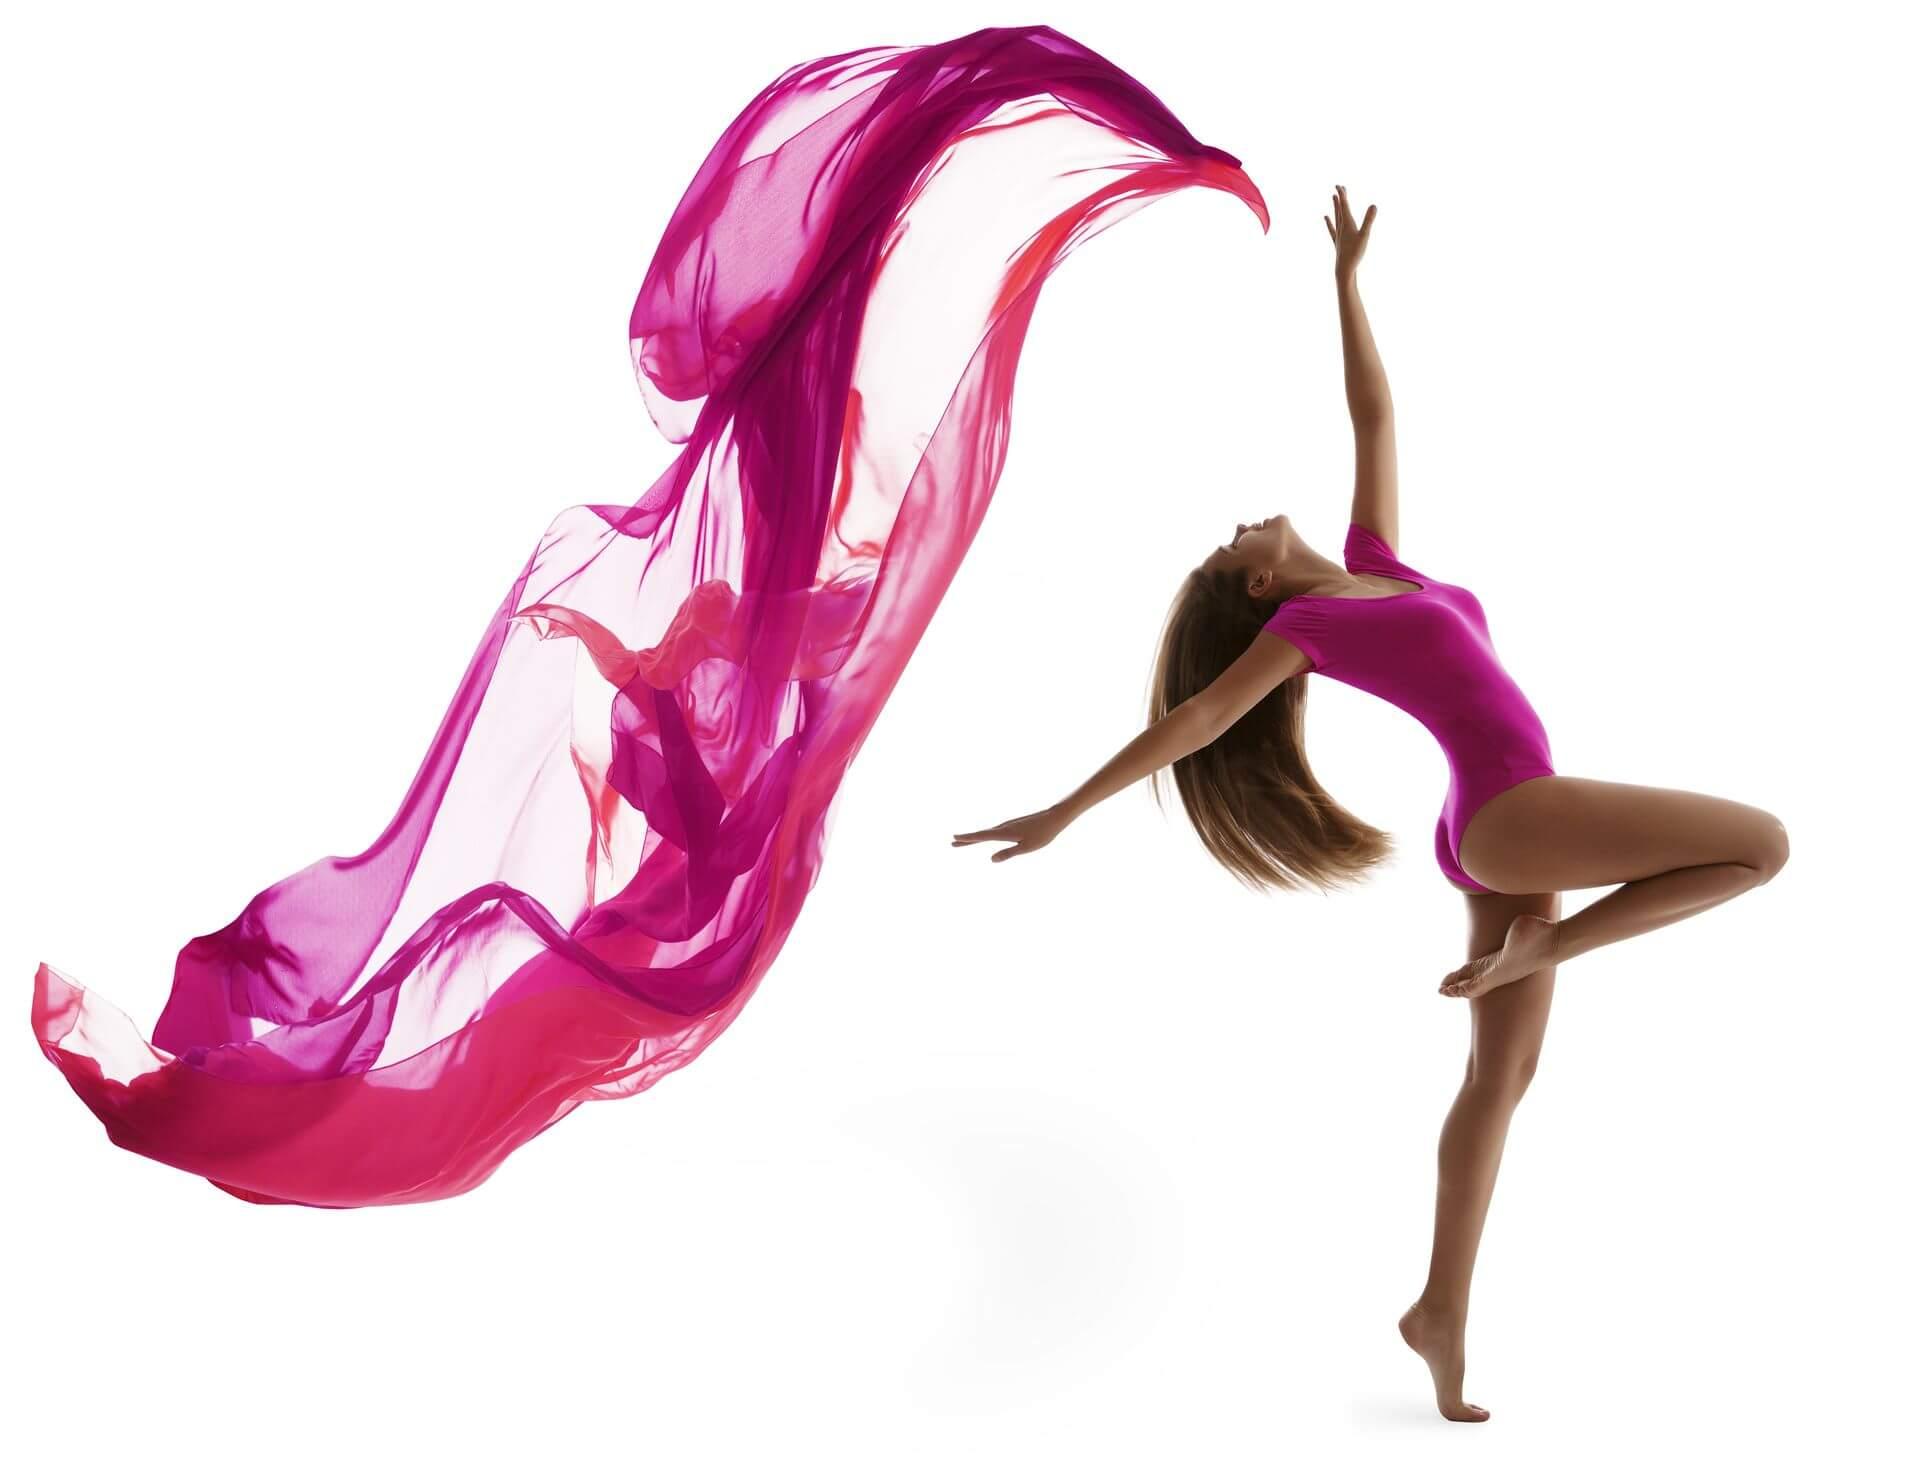 Pink fabric dancer _shutterstock_296481767